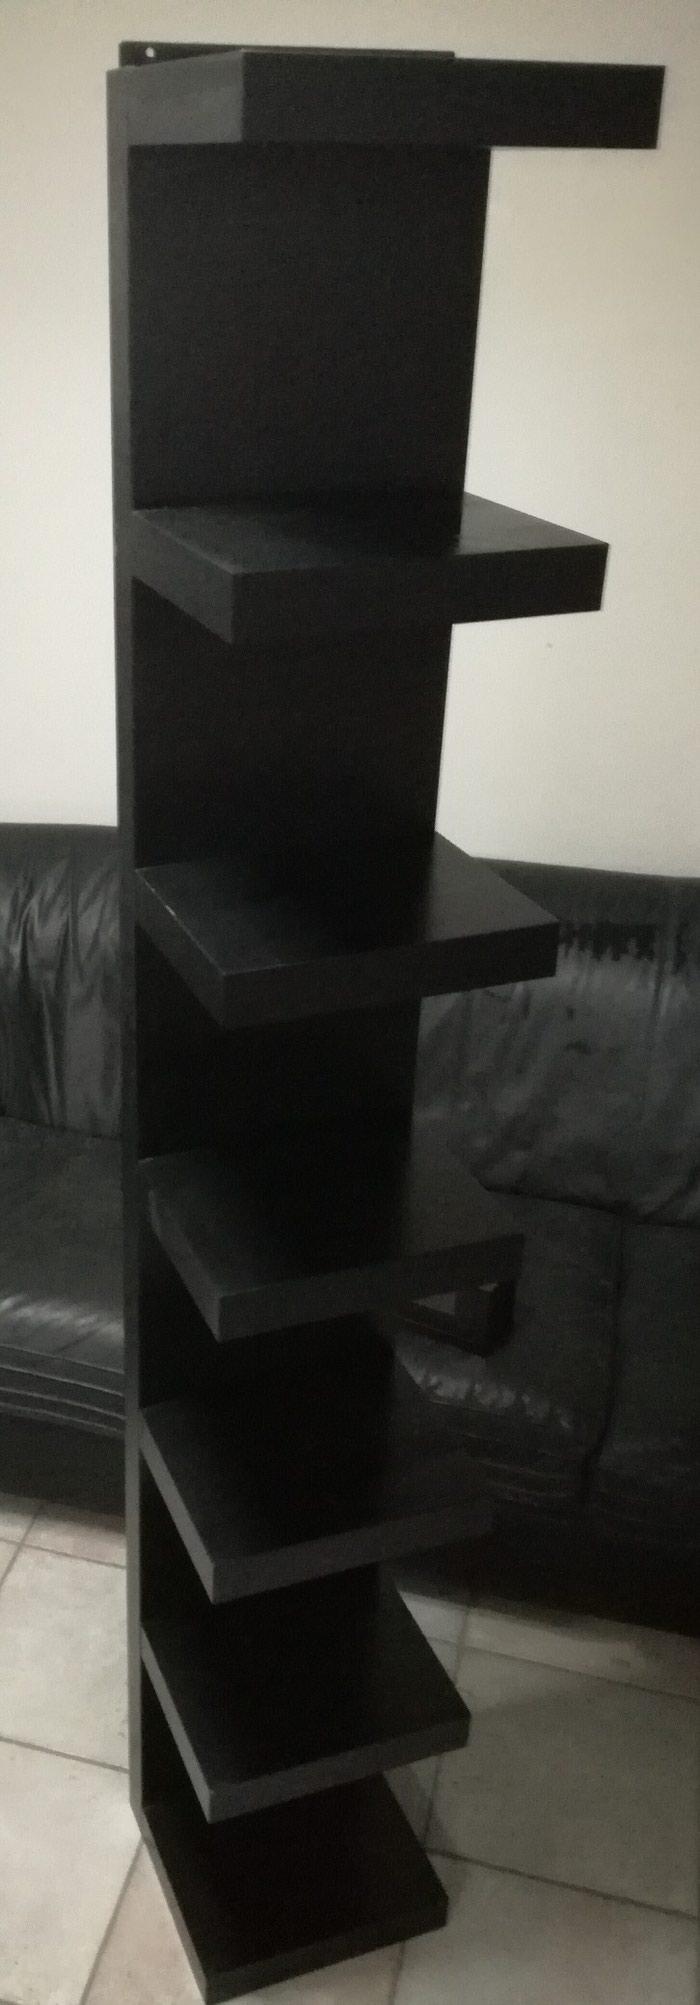 Πωλείται μαύρο ξύλινο έπιπλο διακόσμησης, με 7 ράφια!. Photo 0